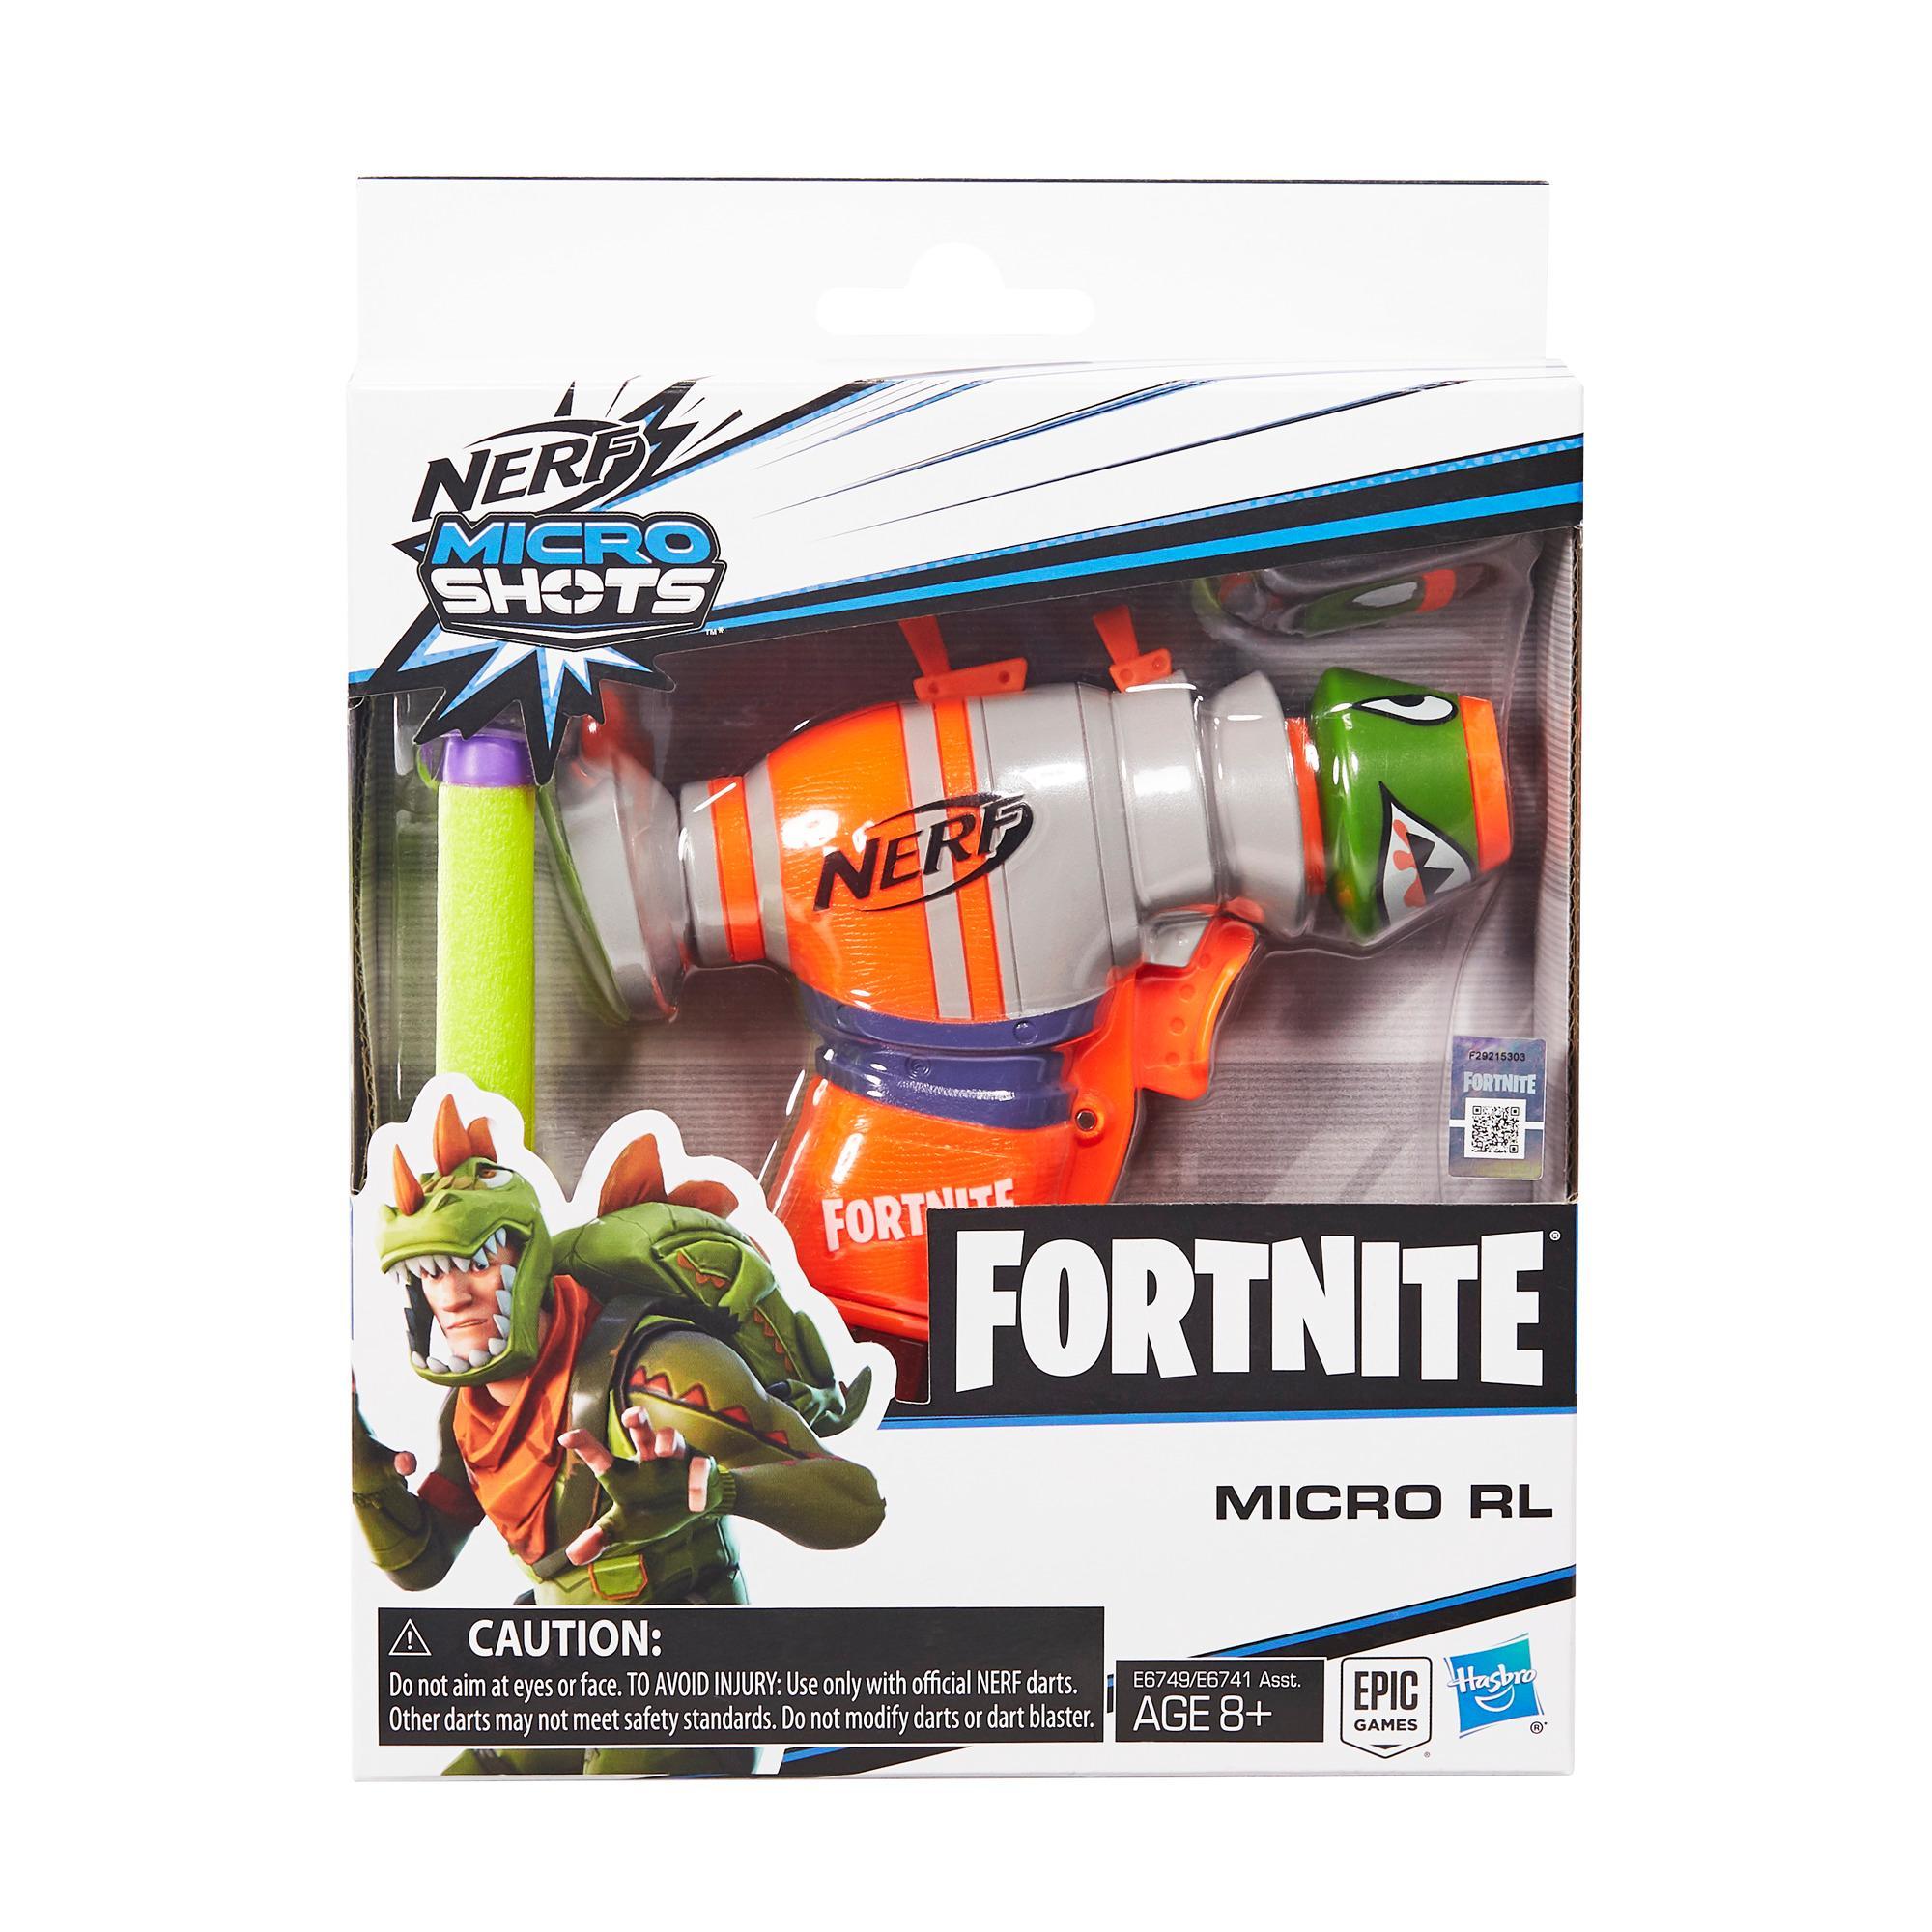 Fortnite RL Nerf MicroShots Dart-Firing Toy Blaster